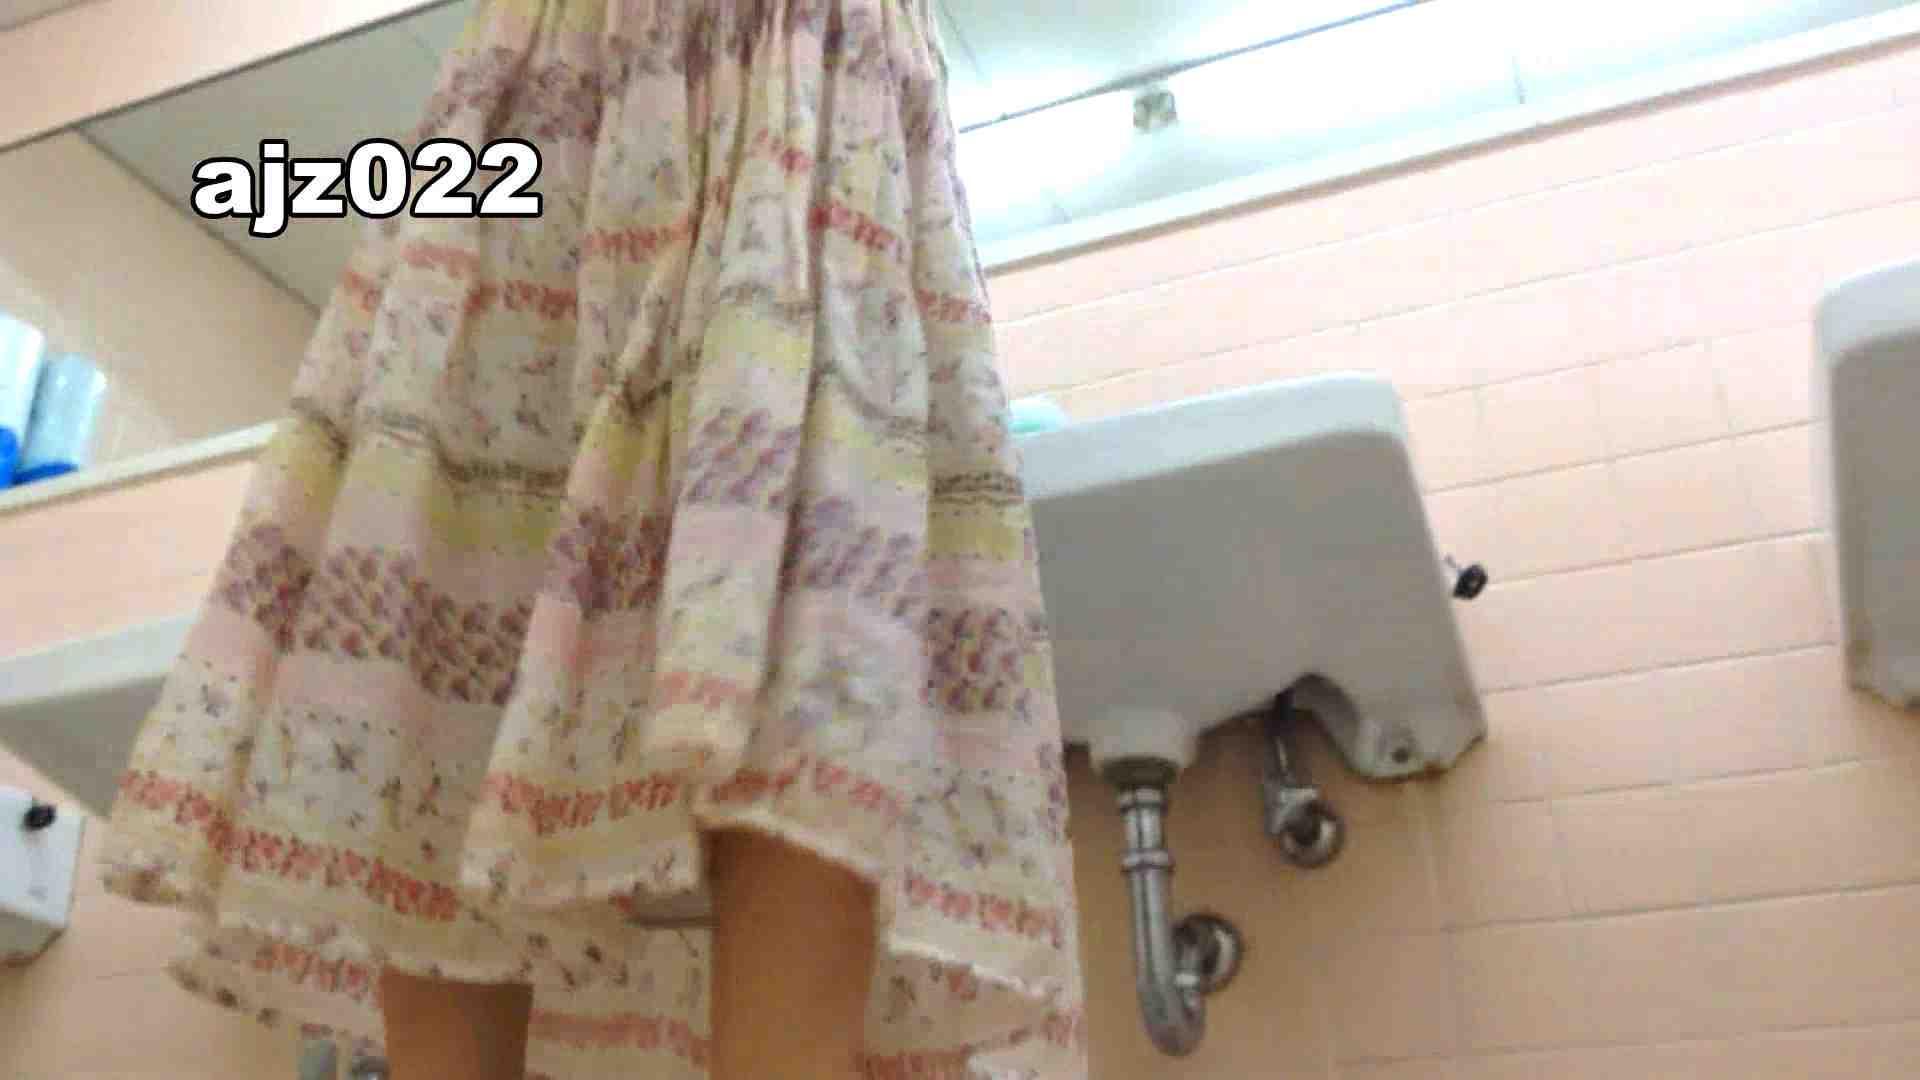 某有名大学女性洗面所 vol.22 0   0  94連発 25